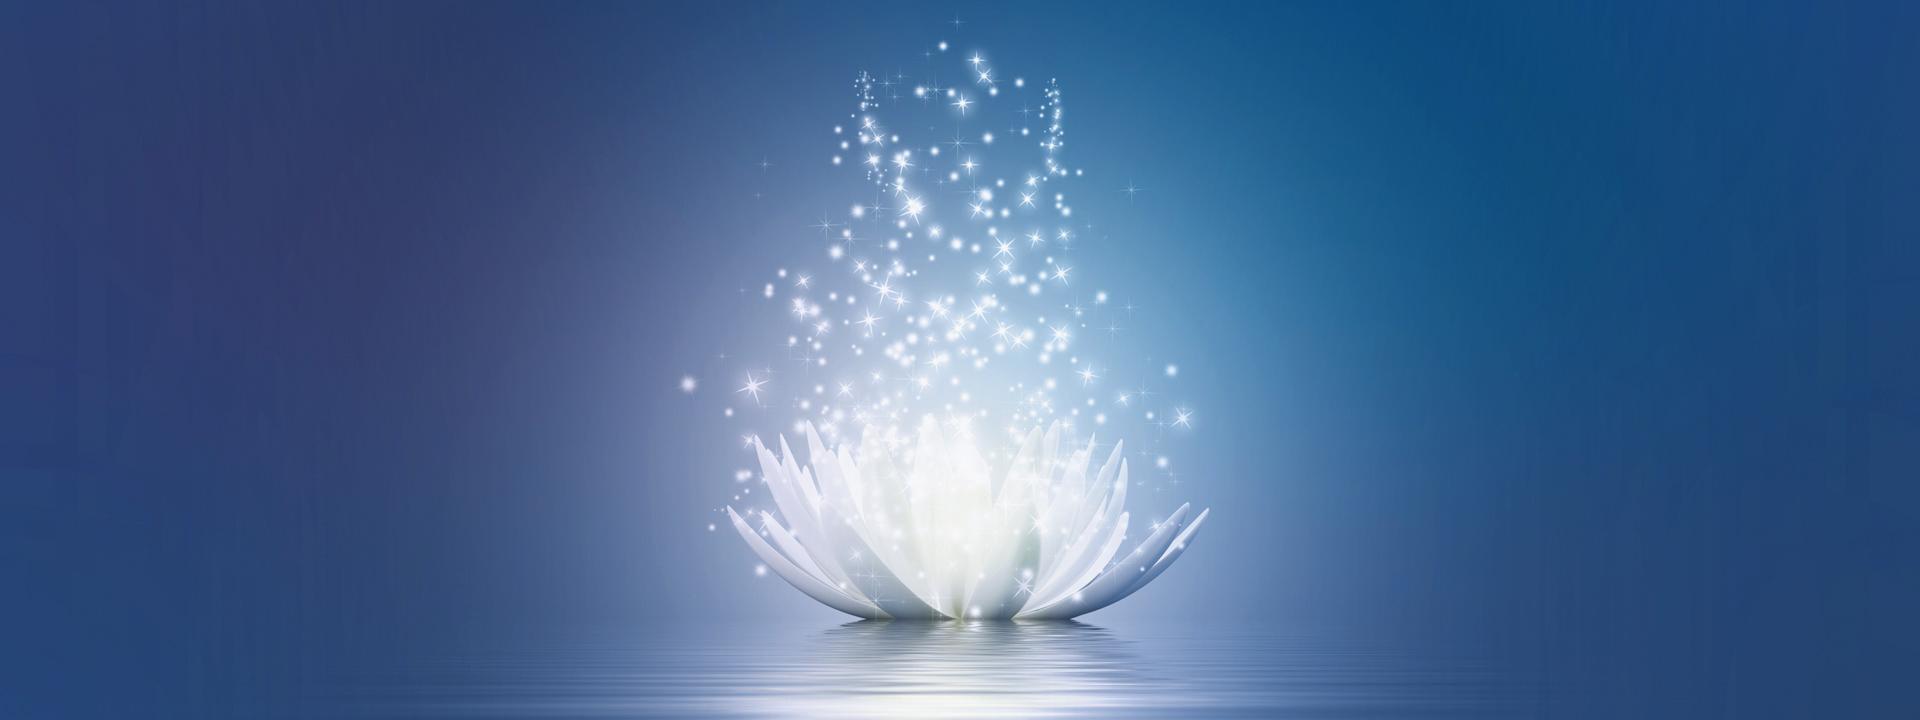 Spirituelle Gespräche Lebensmagie